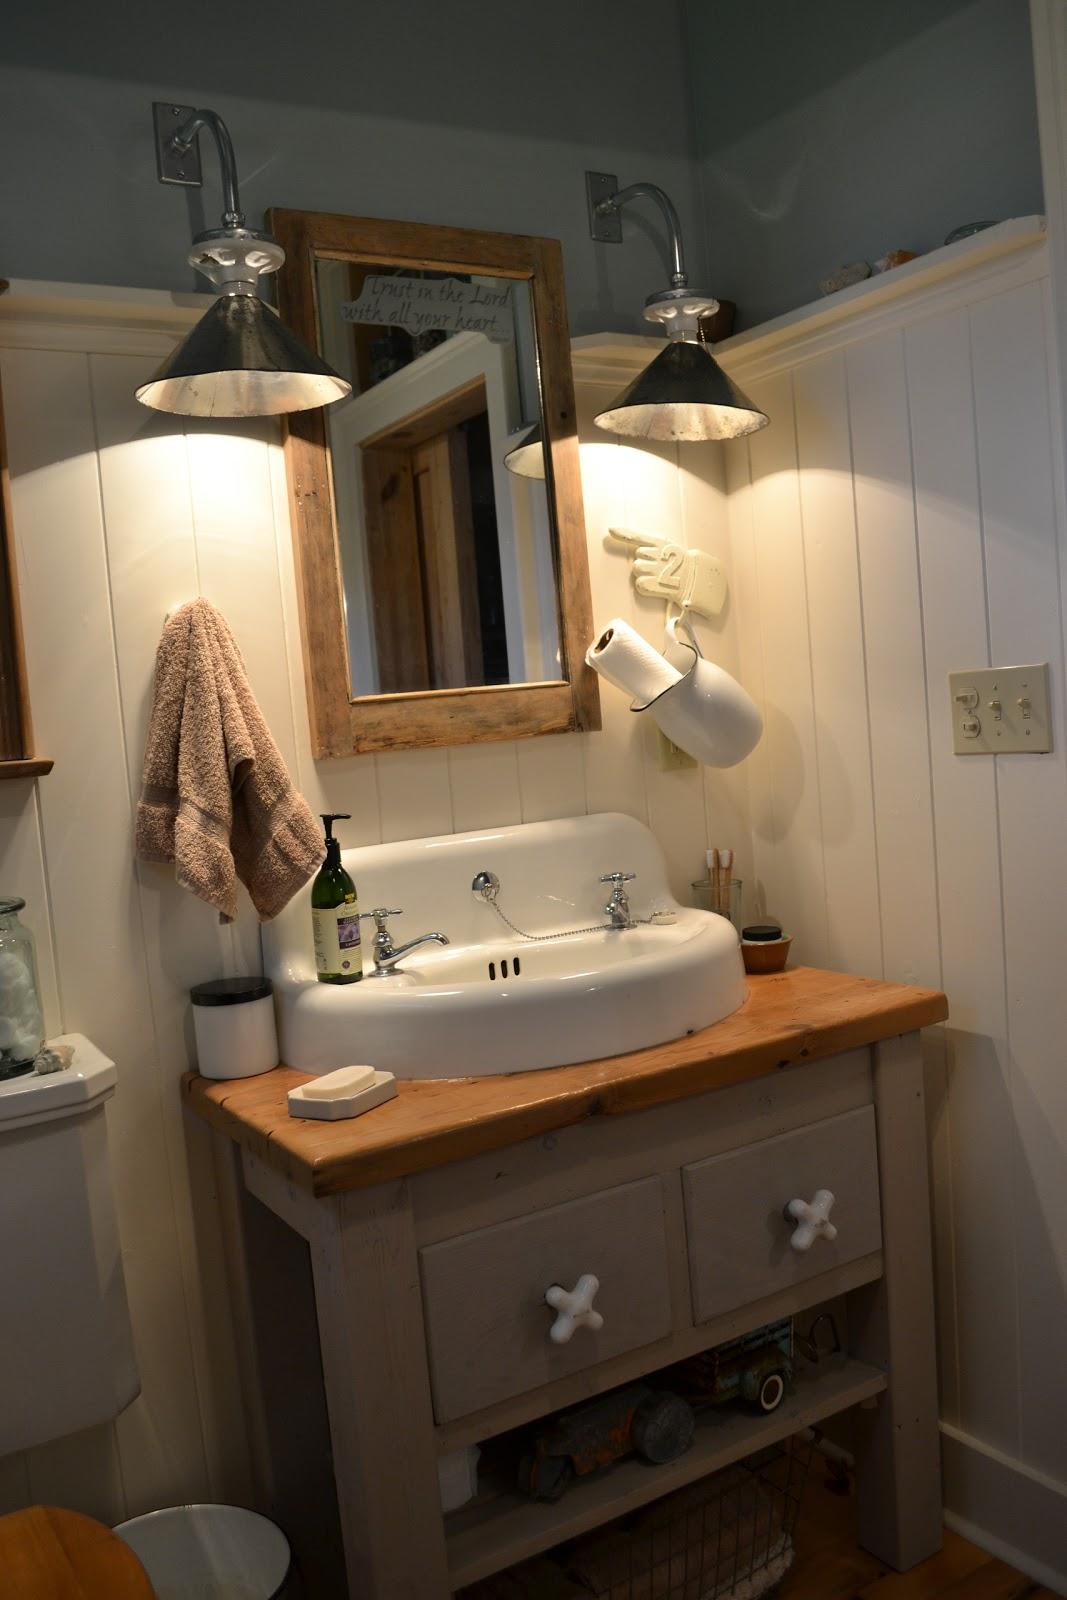 The 1829 farmhouse farmhouse tour bathroom - Bathroom lighting ideas for vanity ...